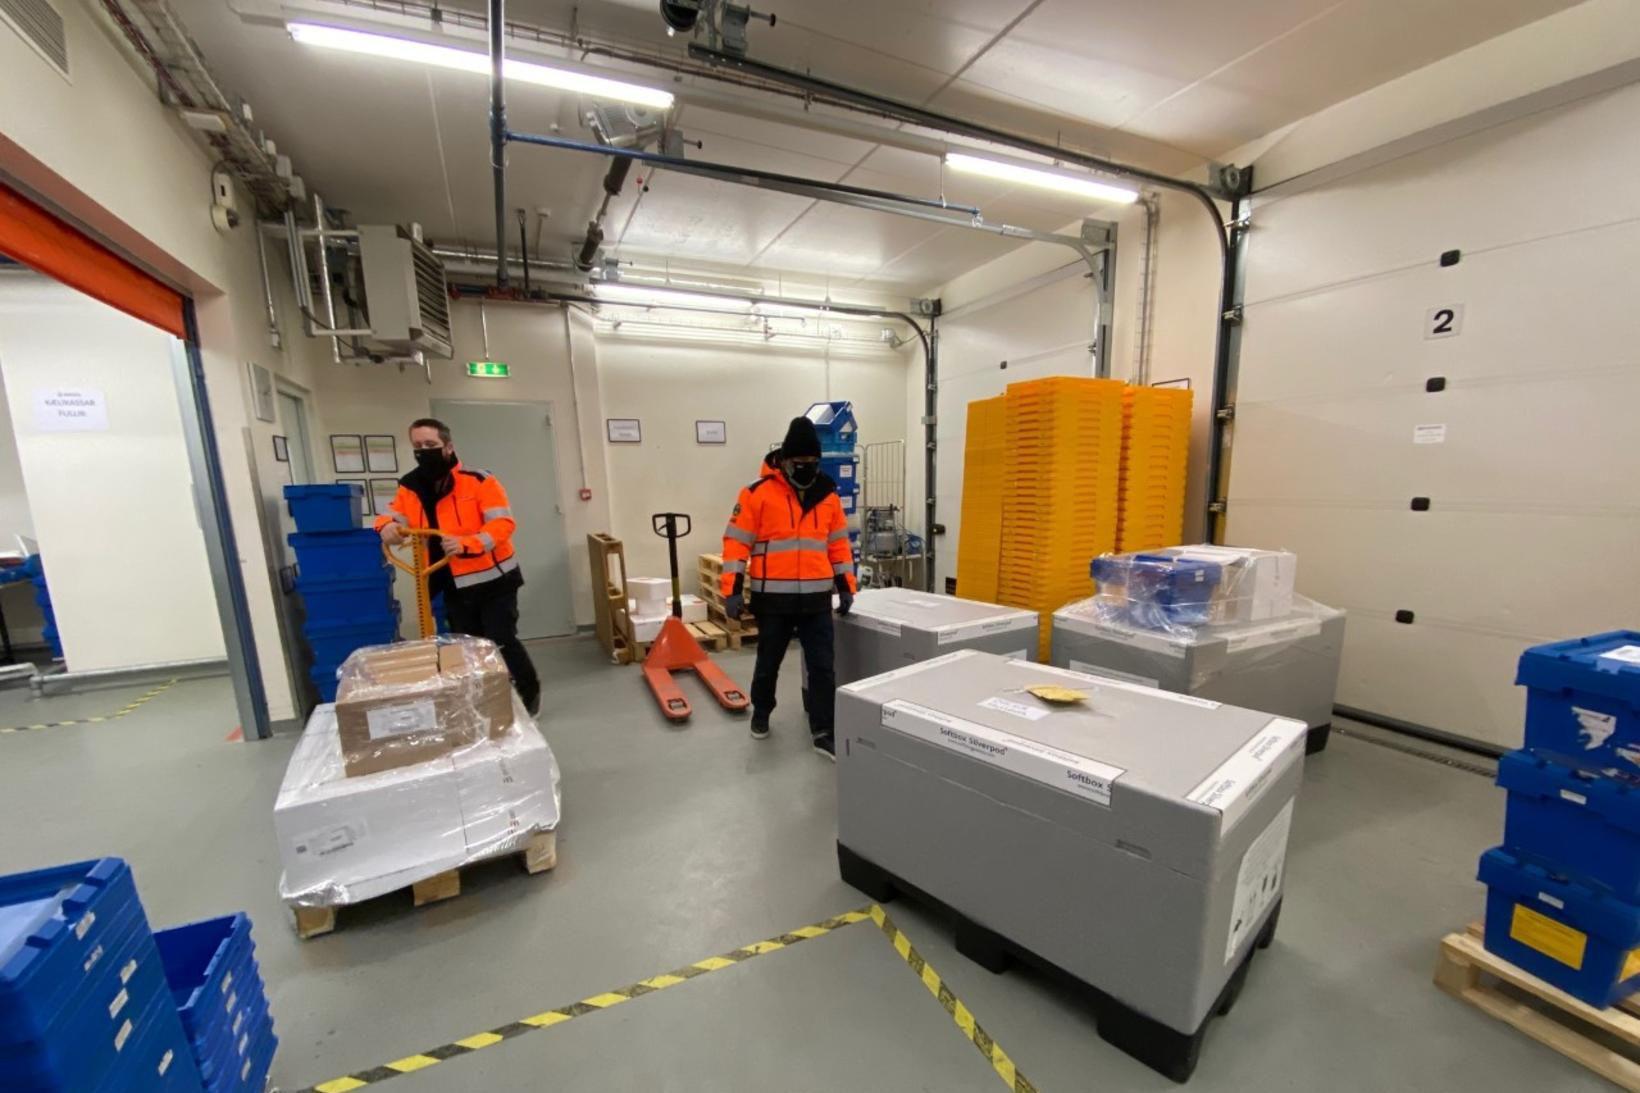 Frá flutningi Jóna Transport á bóluefni Pfizer fyrir áramót.